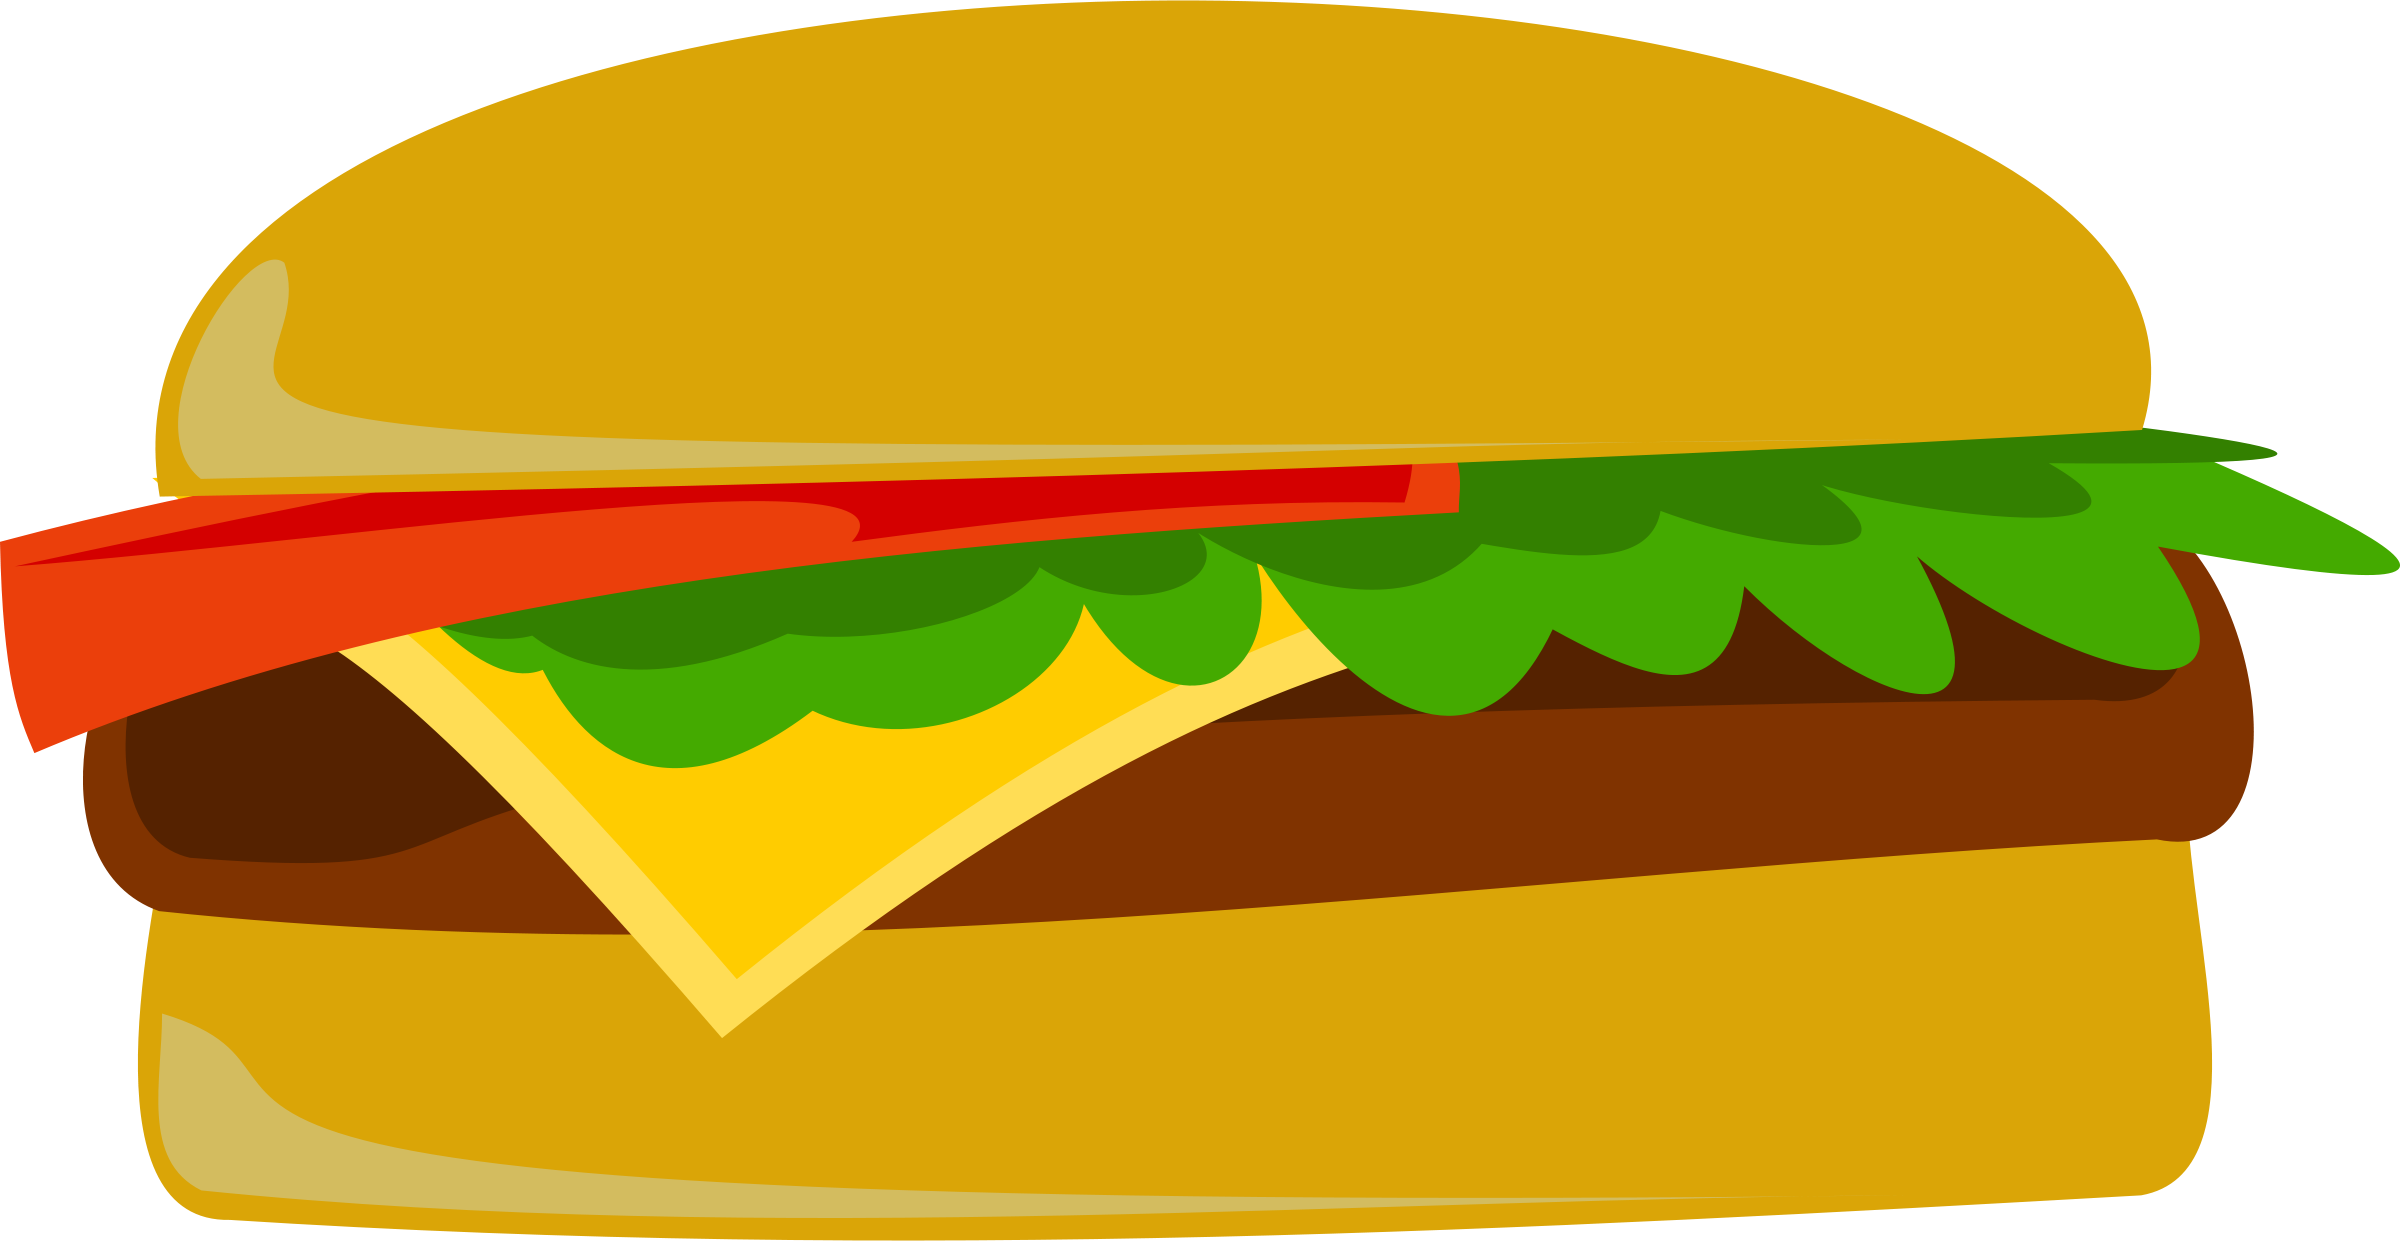 Hamburger and hot dog clipart vector freeuse stock Hotdog And Hamburger Clipart | Clipart Panda - Free Clipart Images vector freeuse stock